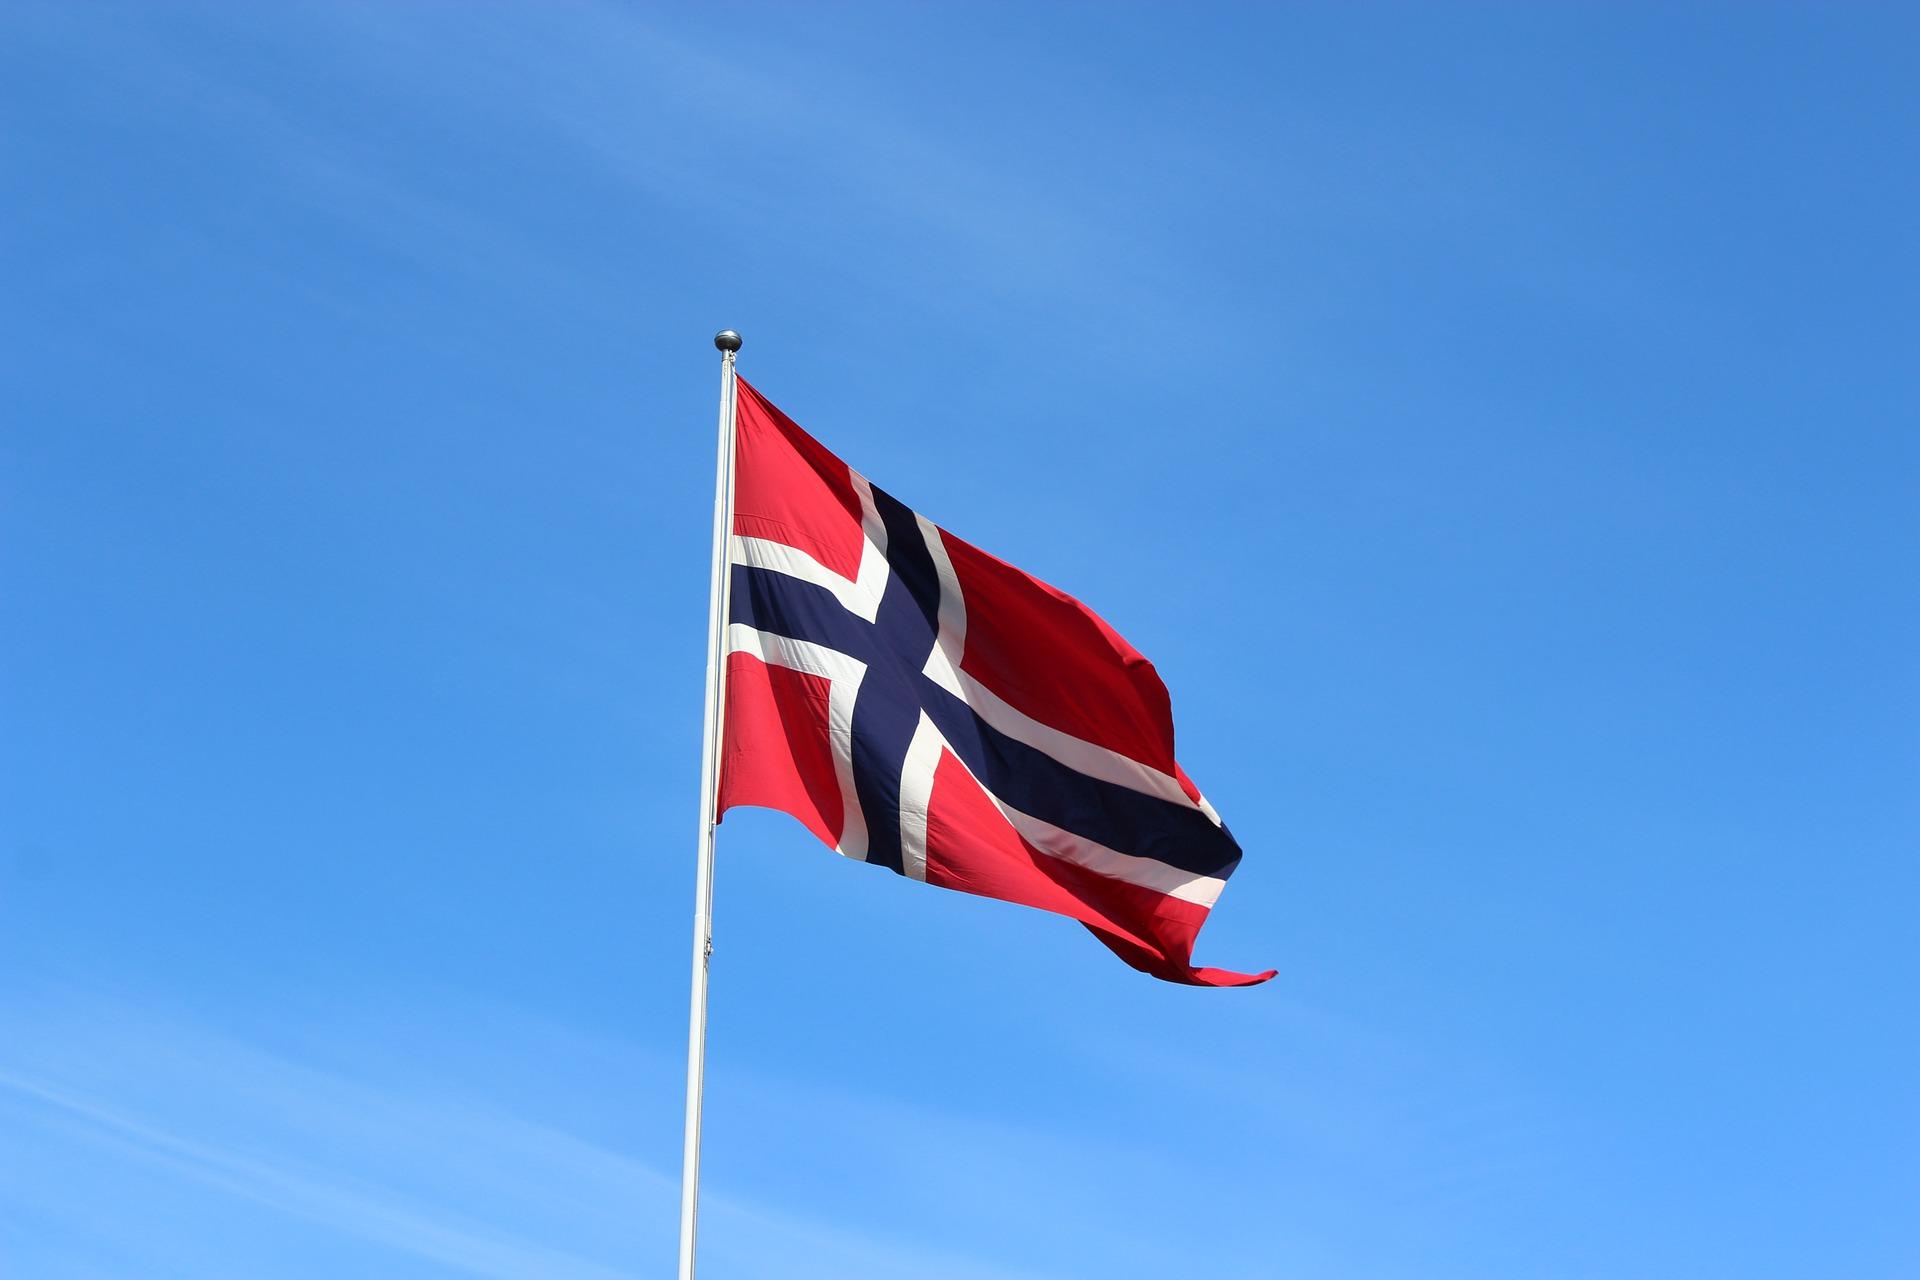 В Норвегии для защиты от COVID-19 рекомендуют надевать по две маски одновременно. Фото: pixabay.com